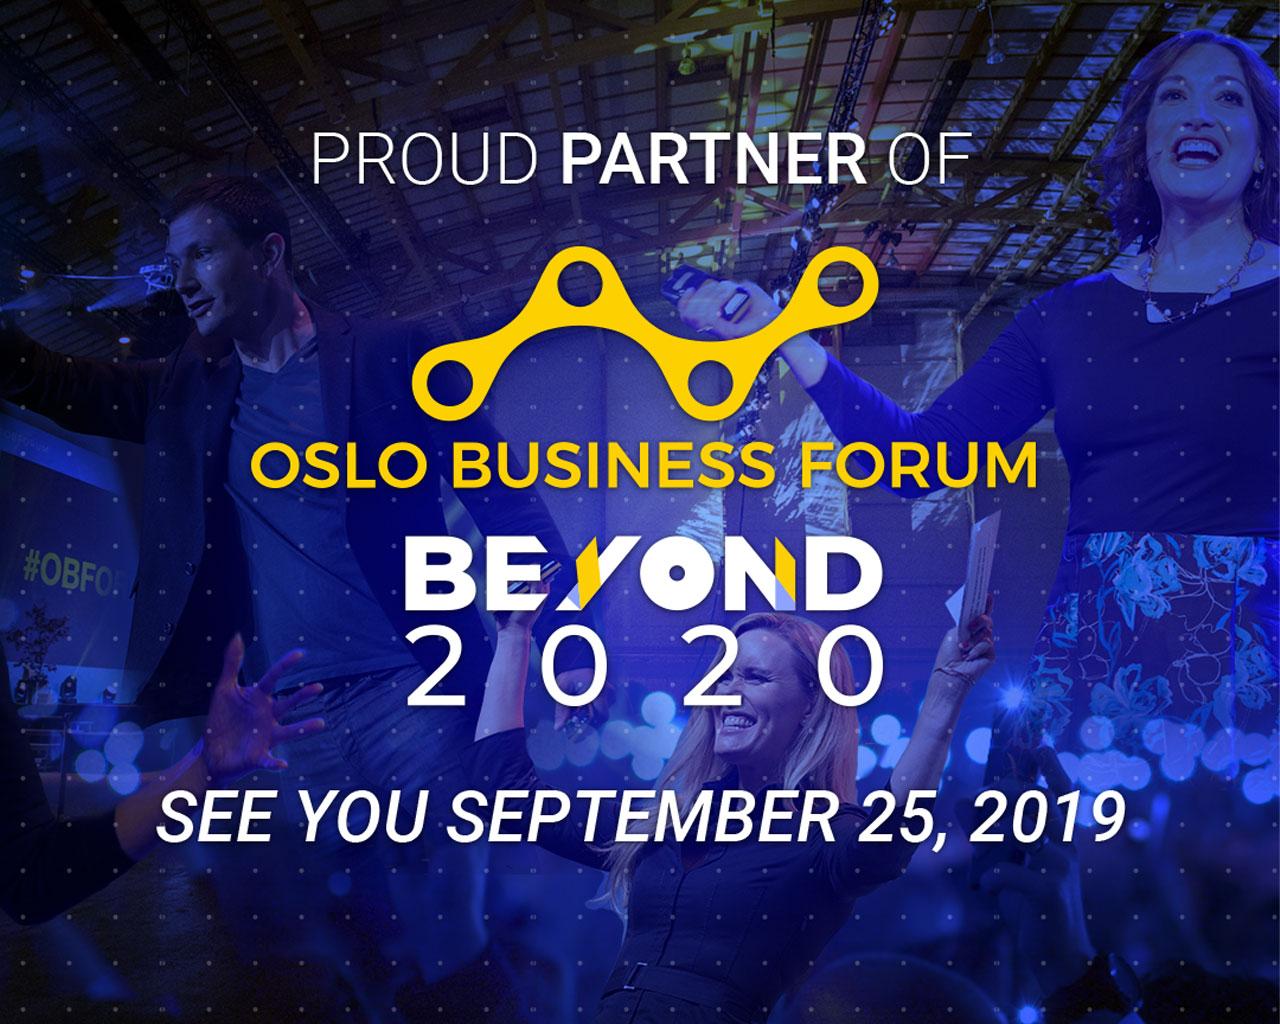 Møt oss på Oslo Business Forum